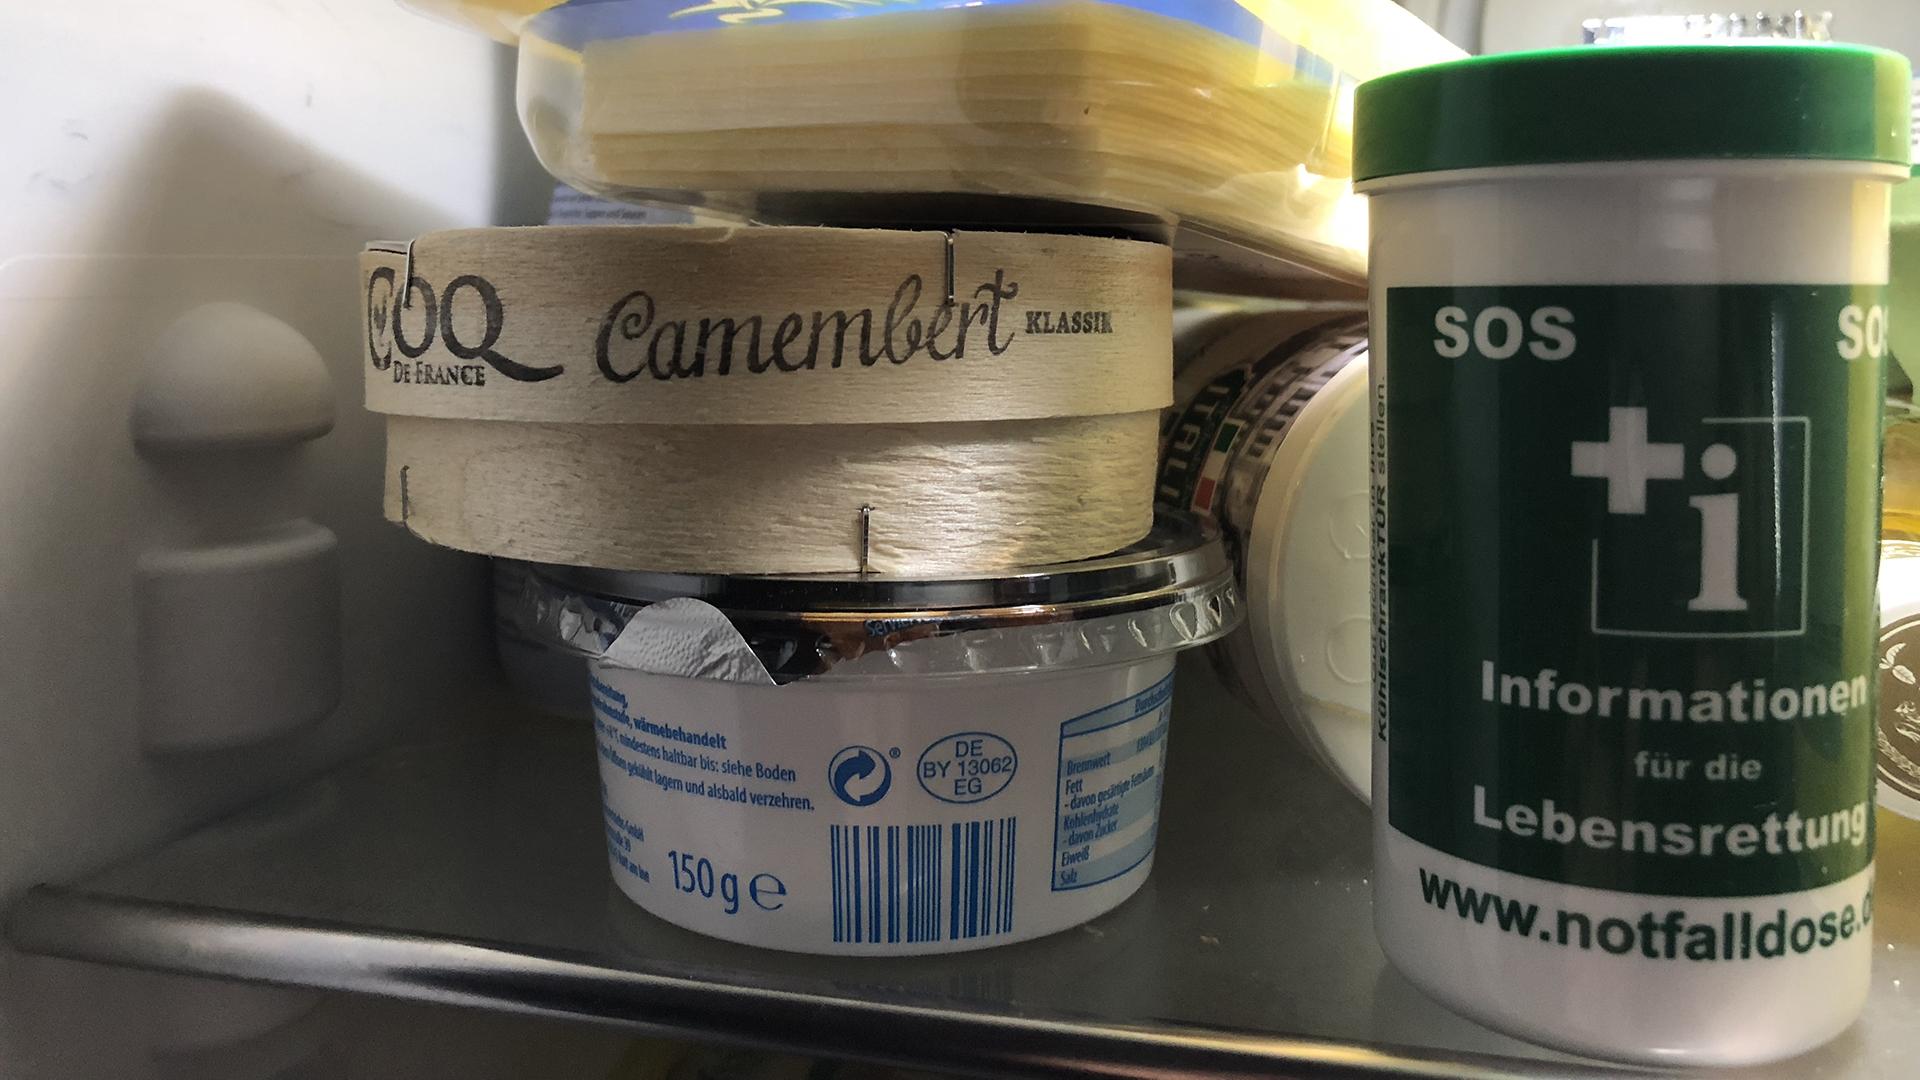 Kühlschrank Dose : Eine dose die leben retten kann stadt wolfenbüttel